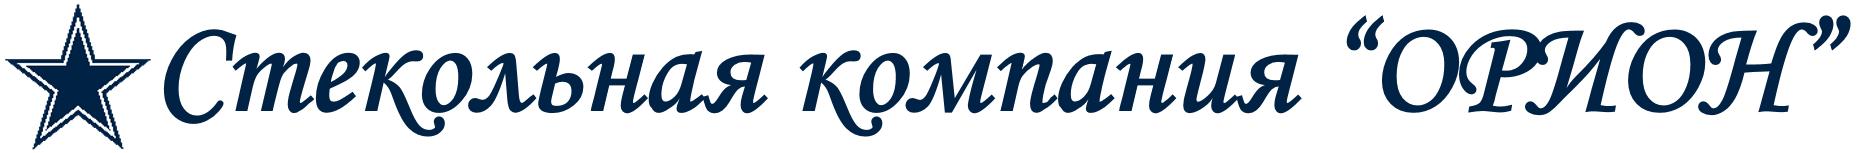 Стекольная компания Орион